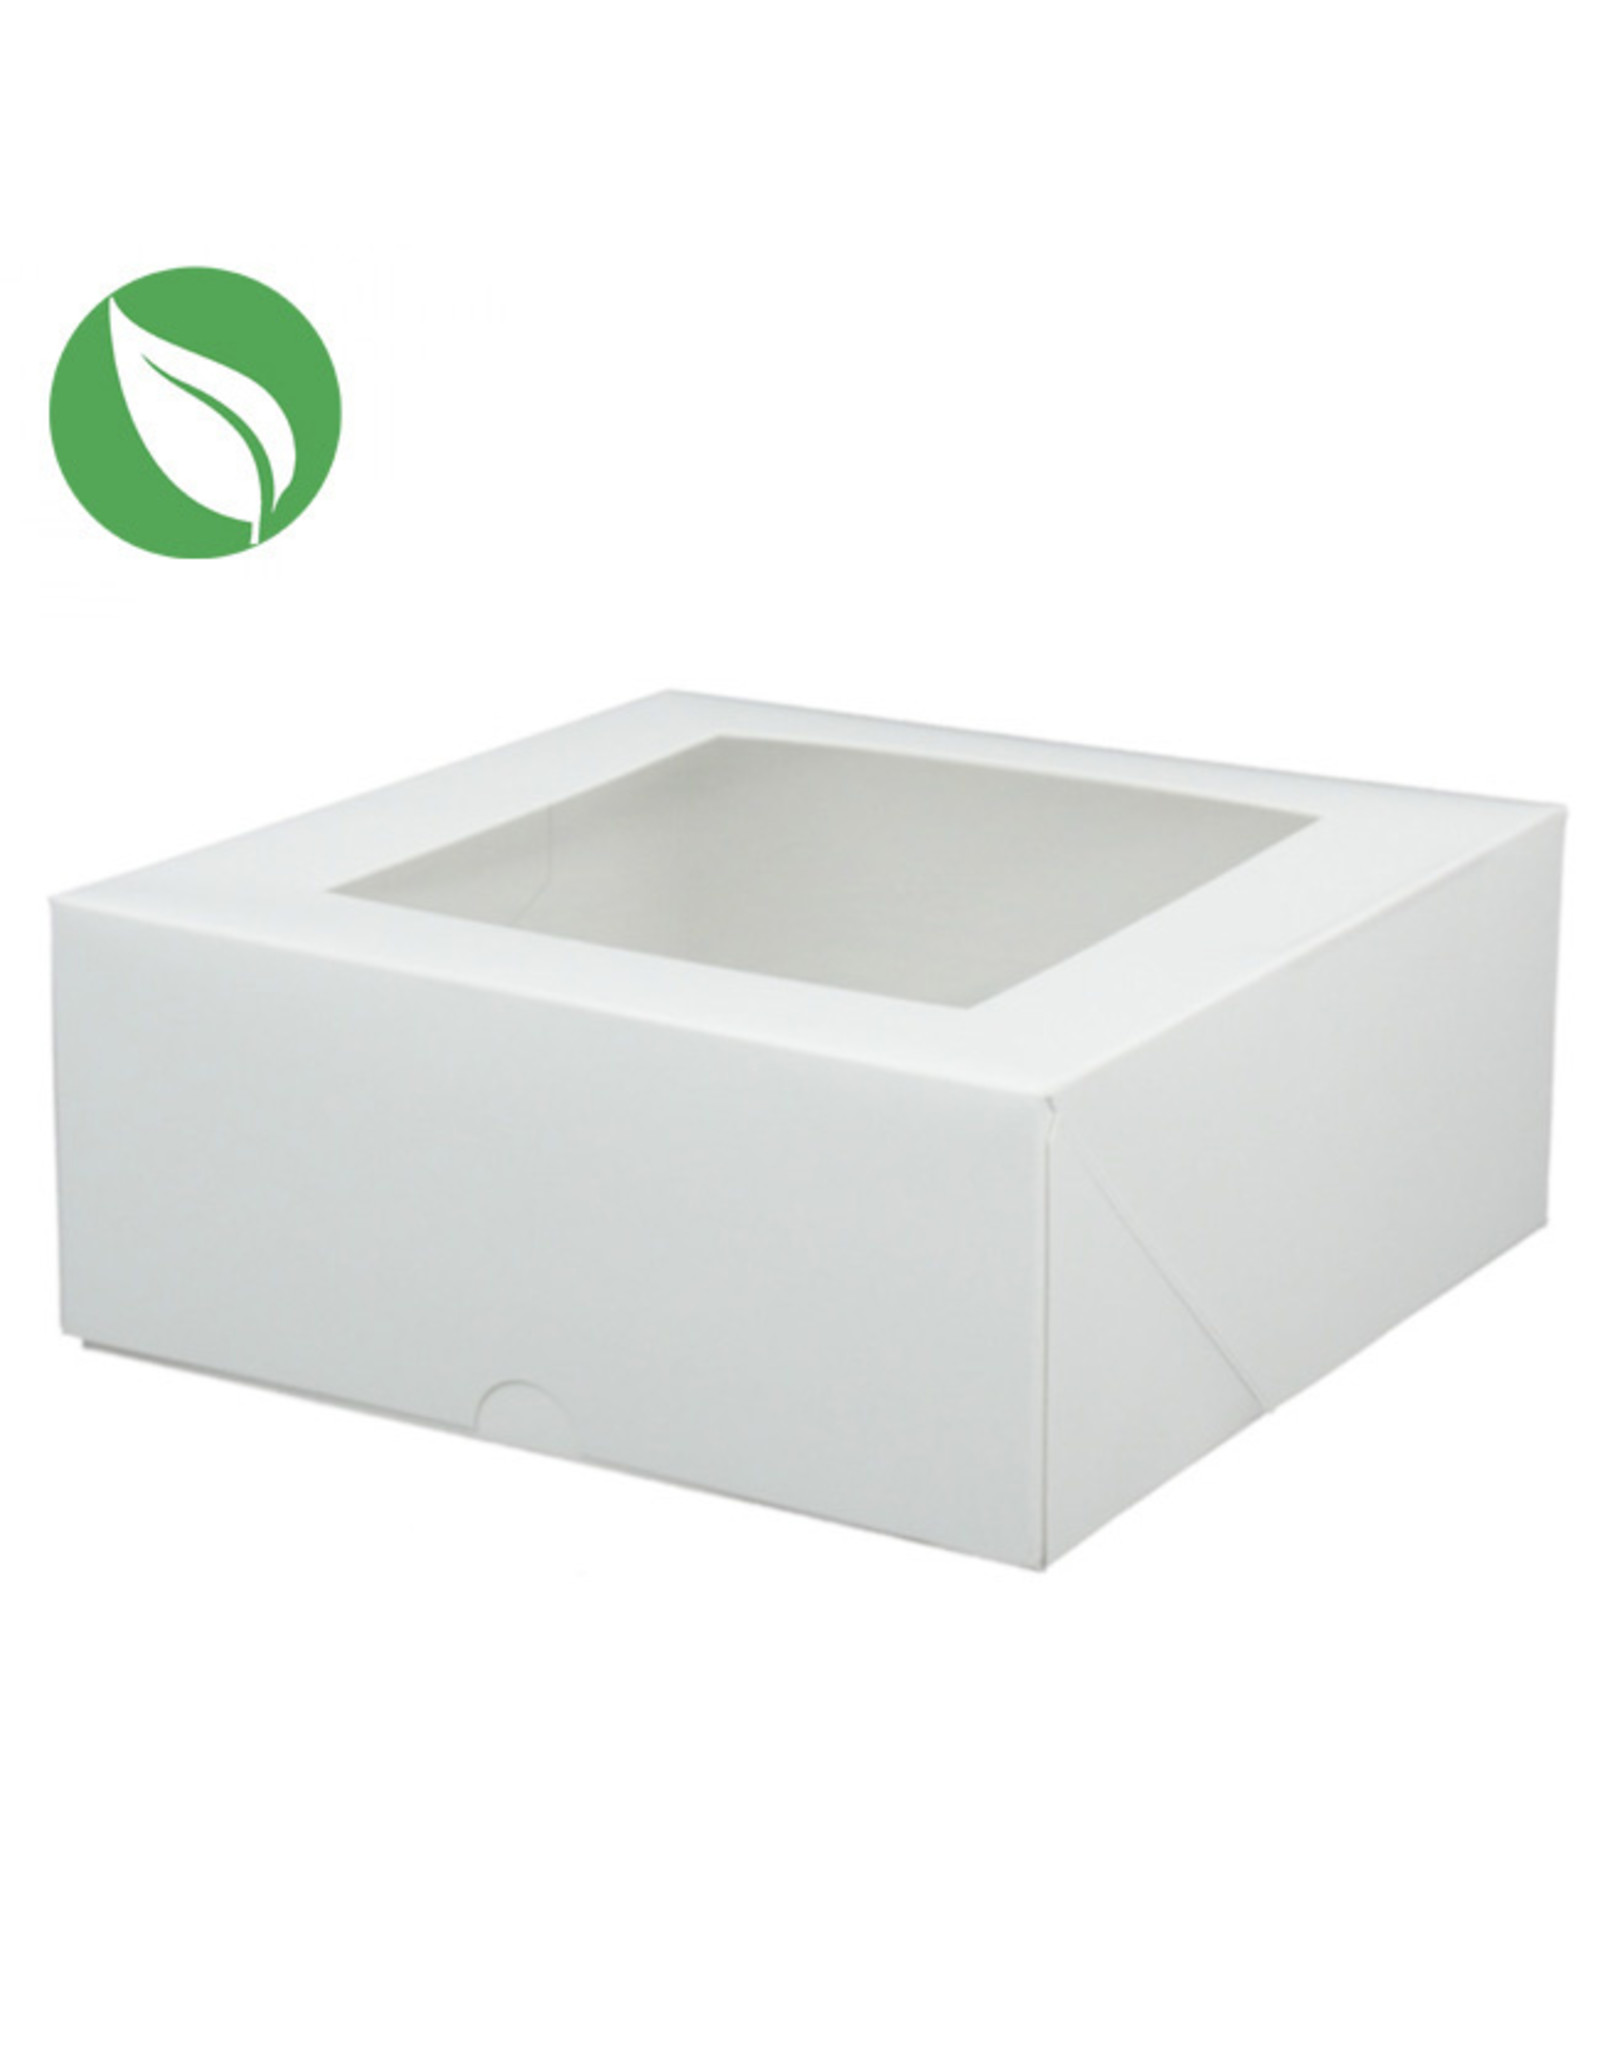 Biodegradable box - 18 x 18 x 7,5 cm (per 25 pieces)